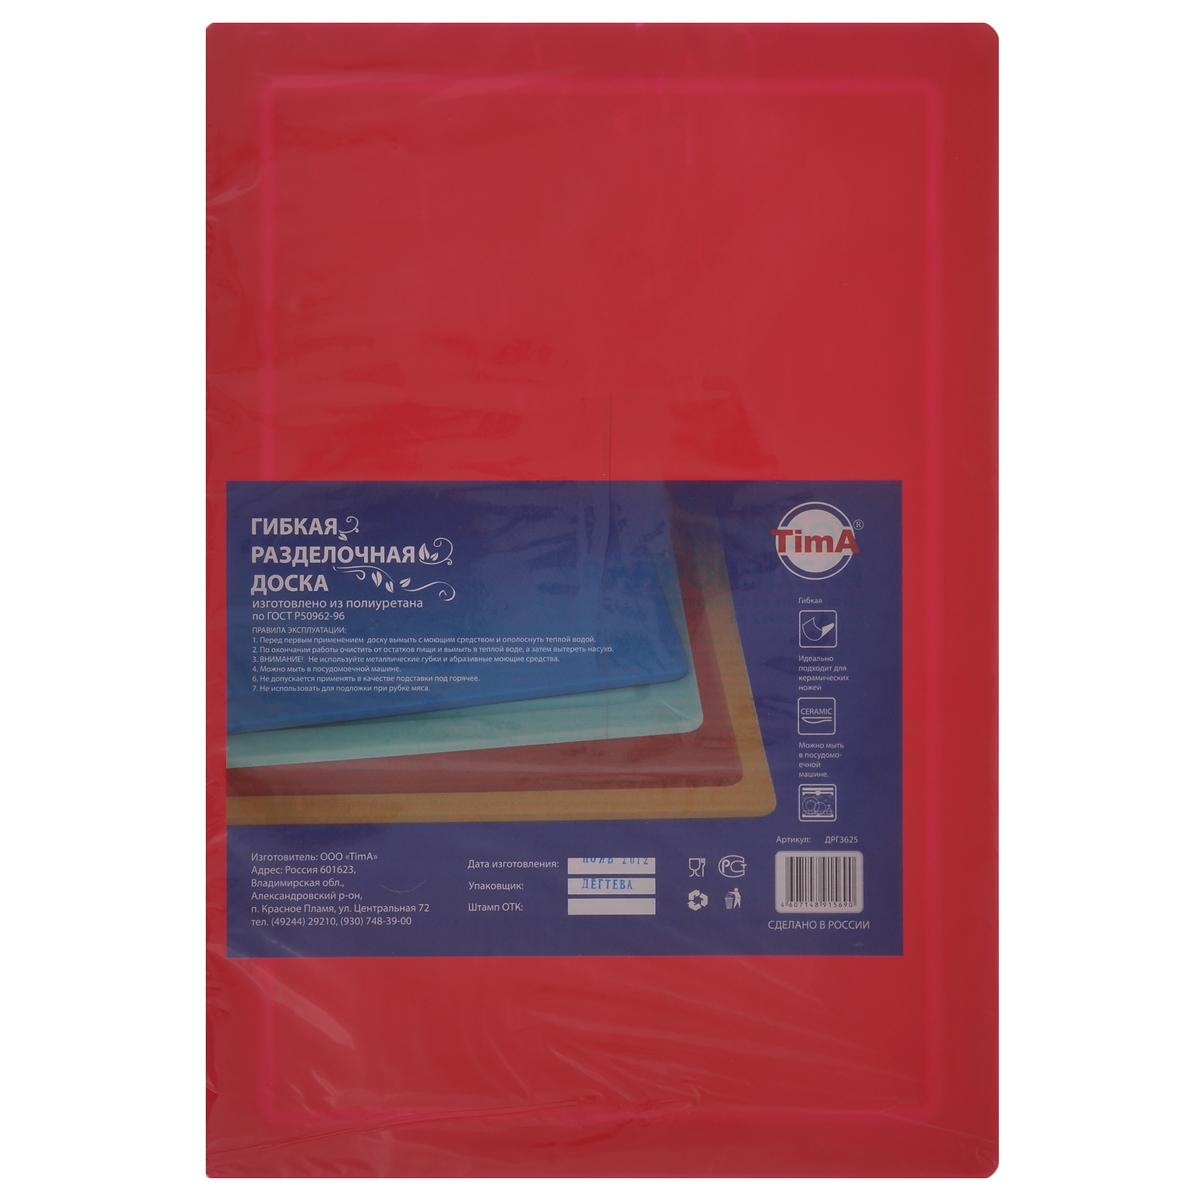 Доска разделочная TimA, цвет: красный, 36 х 25 см115510Гибкая разделочная доска TimA, изготовленная из высококачественного полиуретана, займет достойное место среди аксессуаров на вашей кухне. Благодаря гибкости, с доски удобно высыпать нарезанные продукты. Она не тупит металлические и керамические ножи. Не впитывает влагу и легко моется. Обладает исключительной прочностью и износостойкостью.Доска TimA прекрасно подойдет для нарезки любых продуктов.Можно мыть в посудомоечной машине.